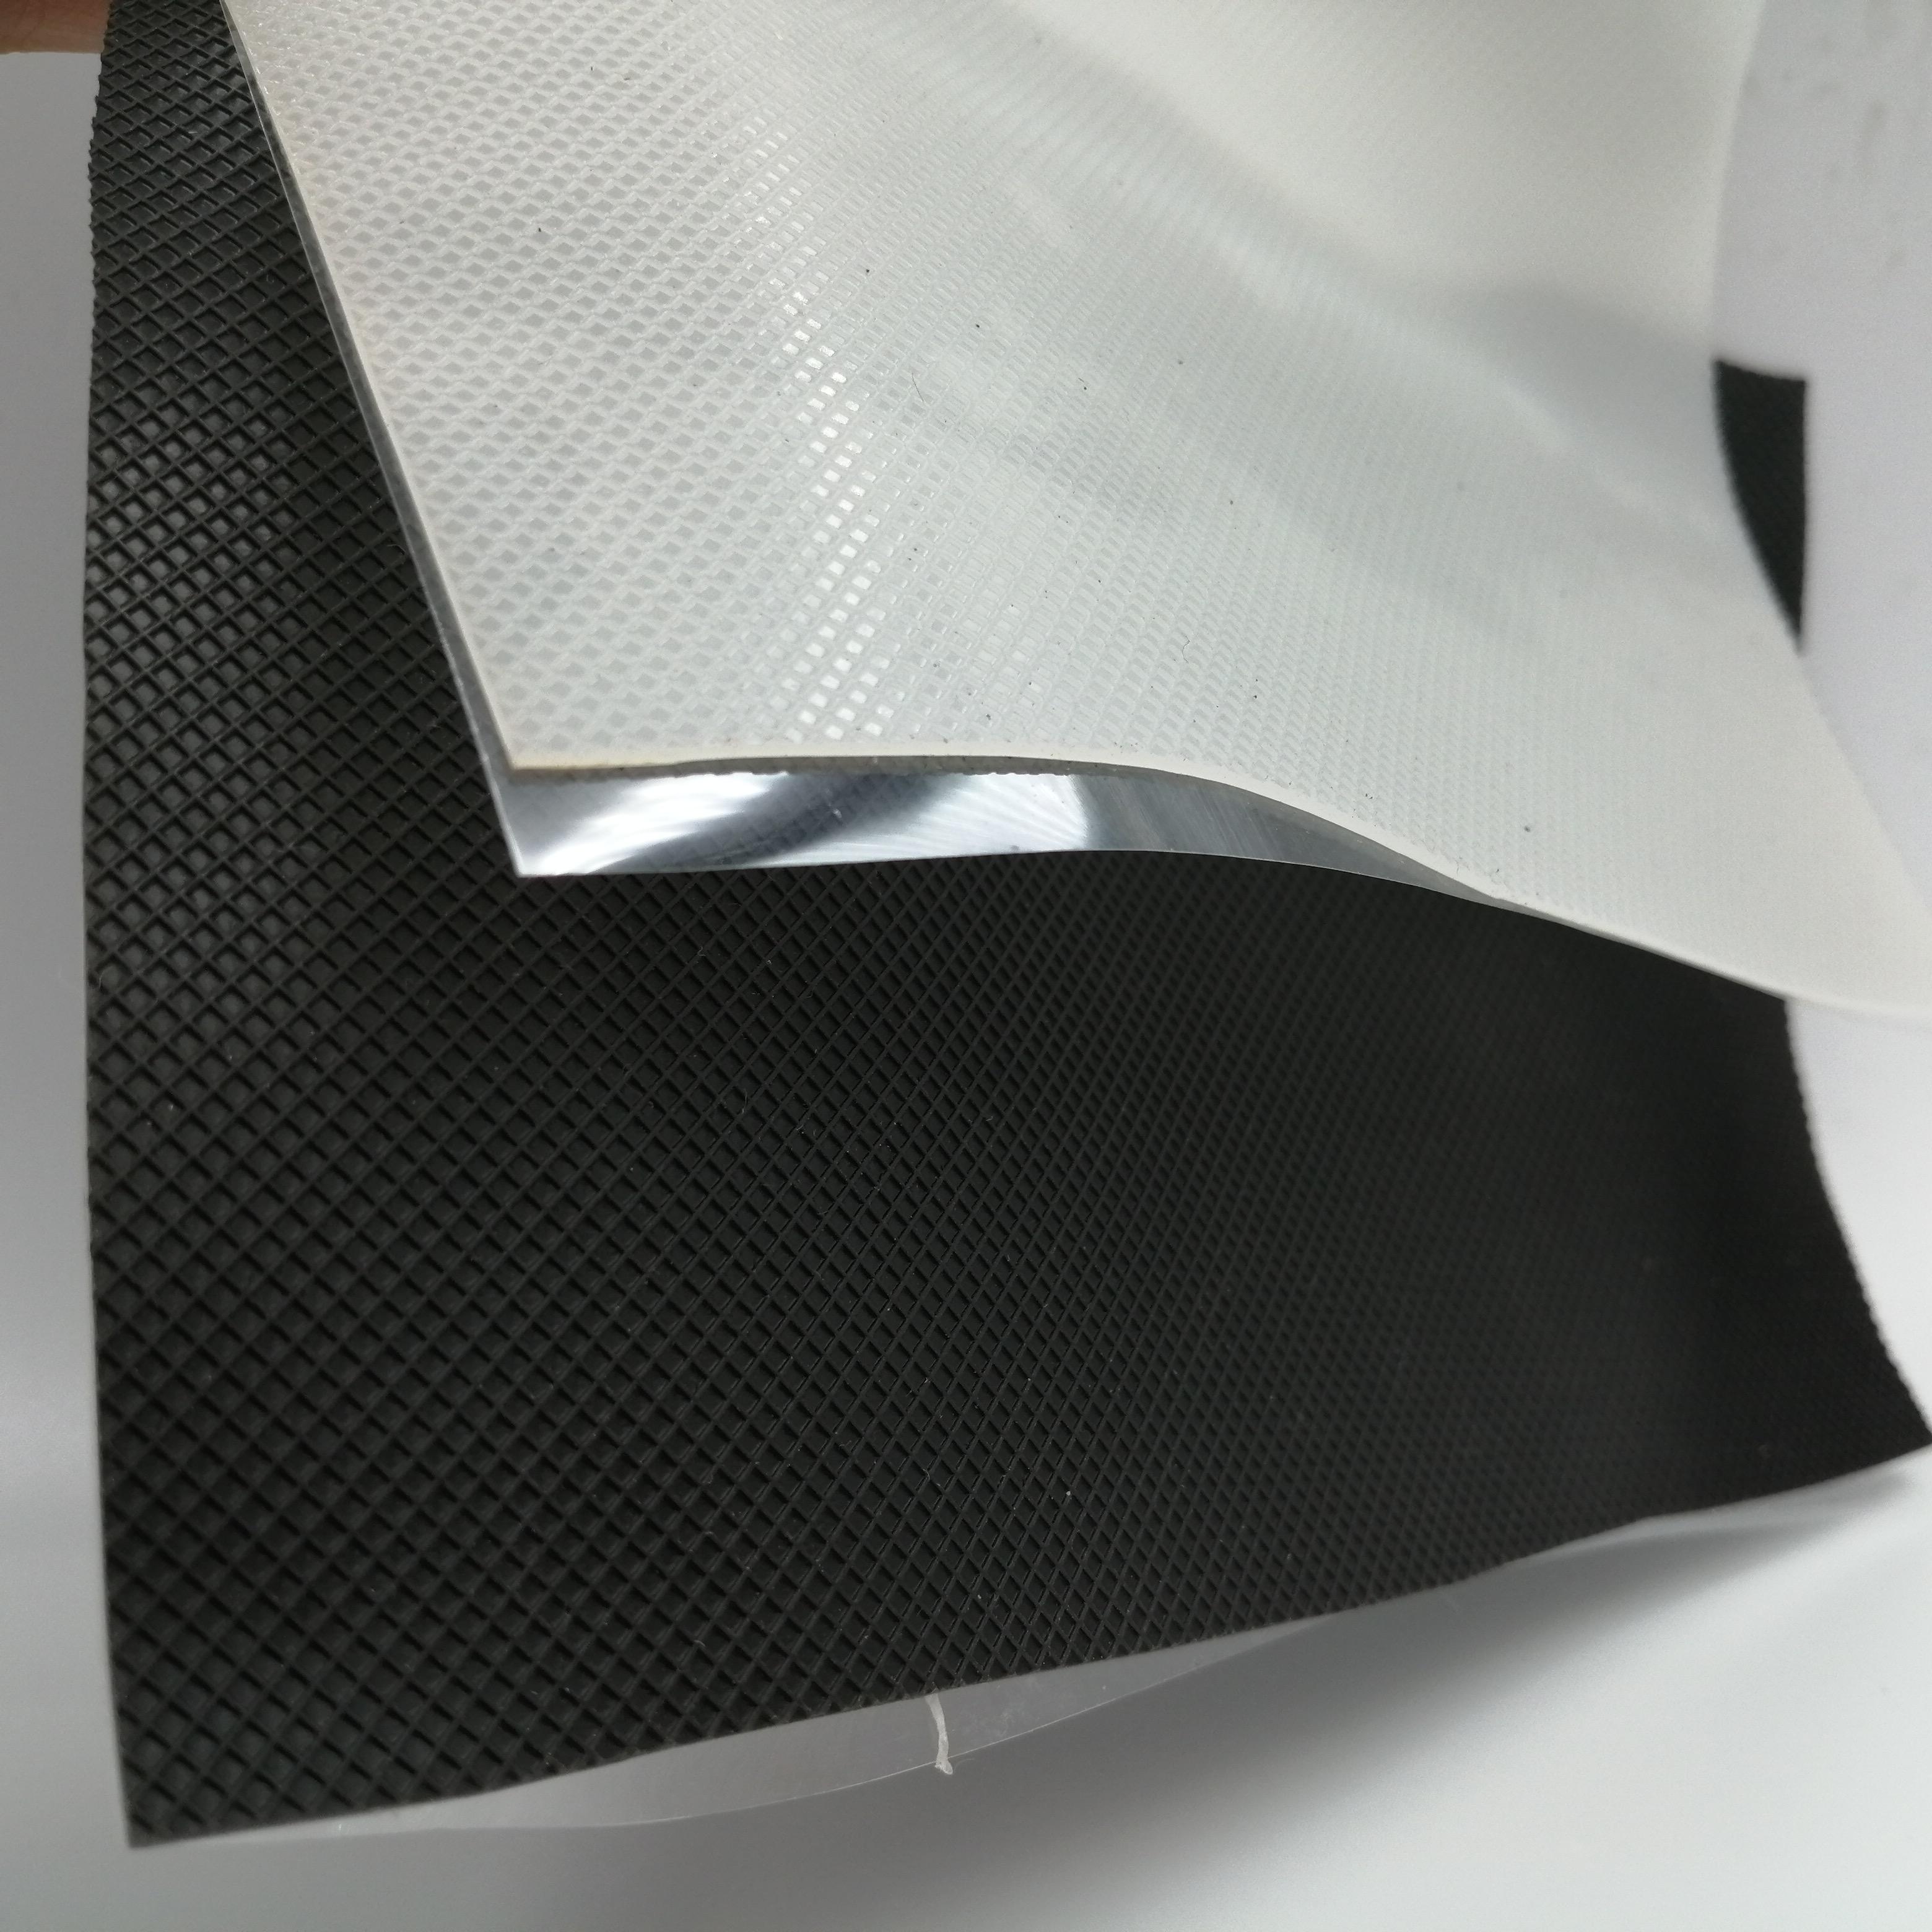 網格硅膠墊 格紋硅膠墊 紋路硅膠墊